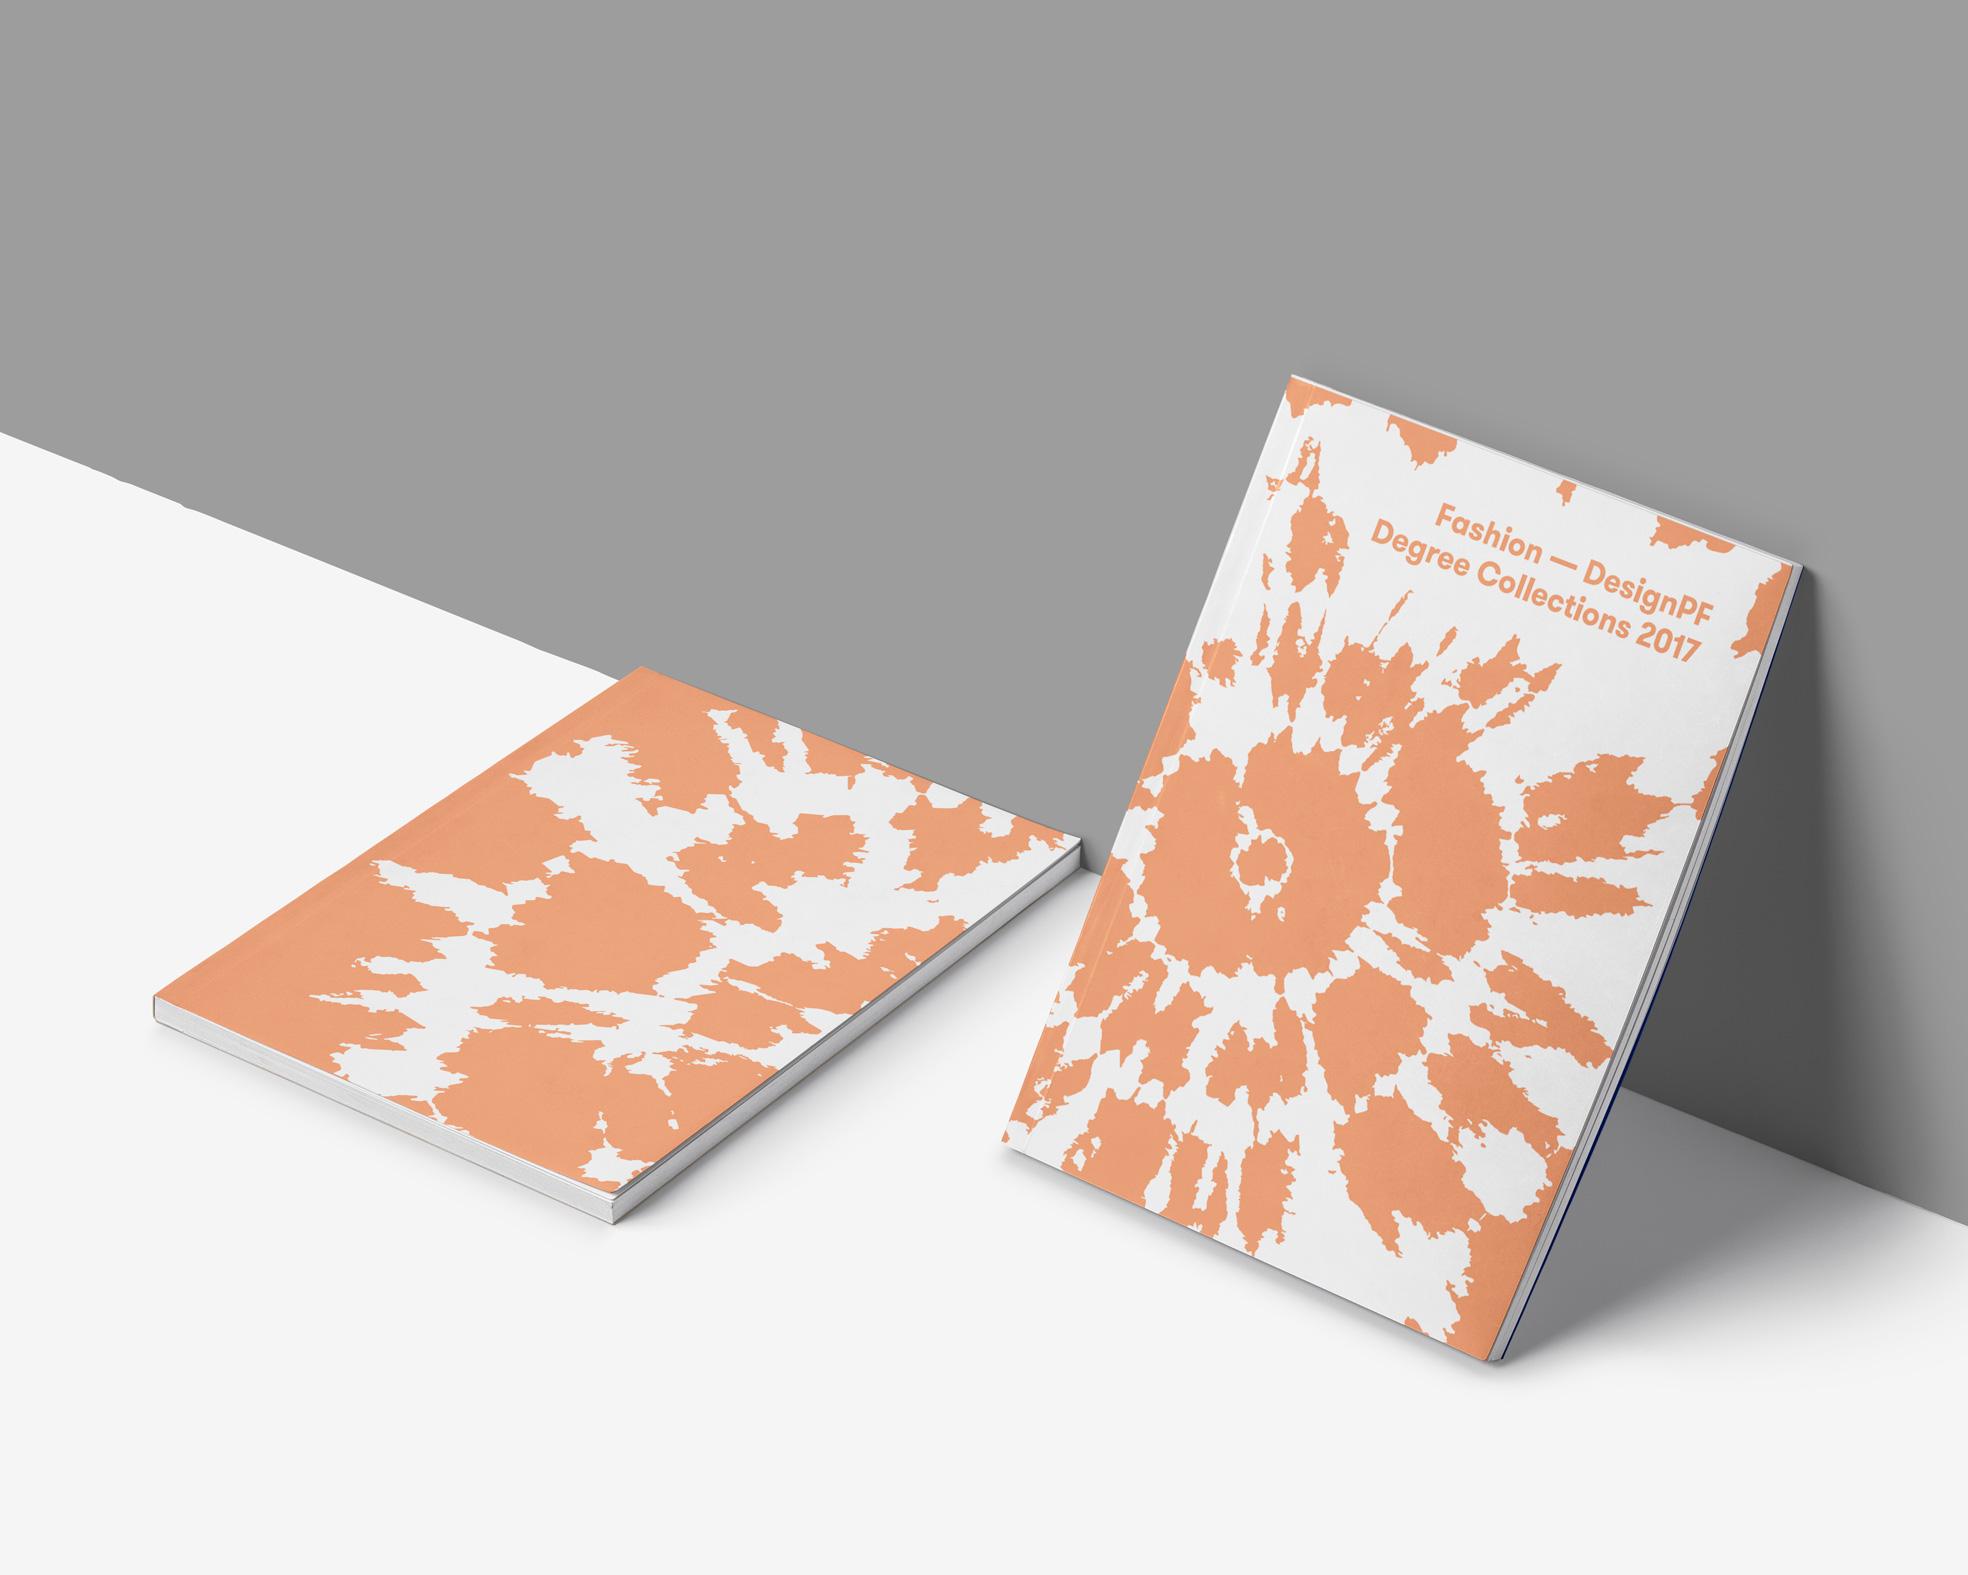 10DMBO-Studio-für-Gestaltung-Fashionbook-hochschule-pforzheim-fashion-mode